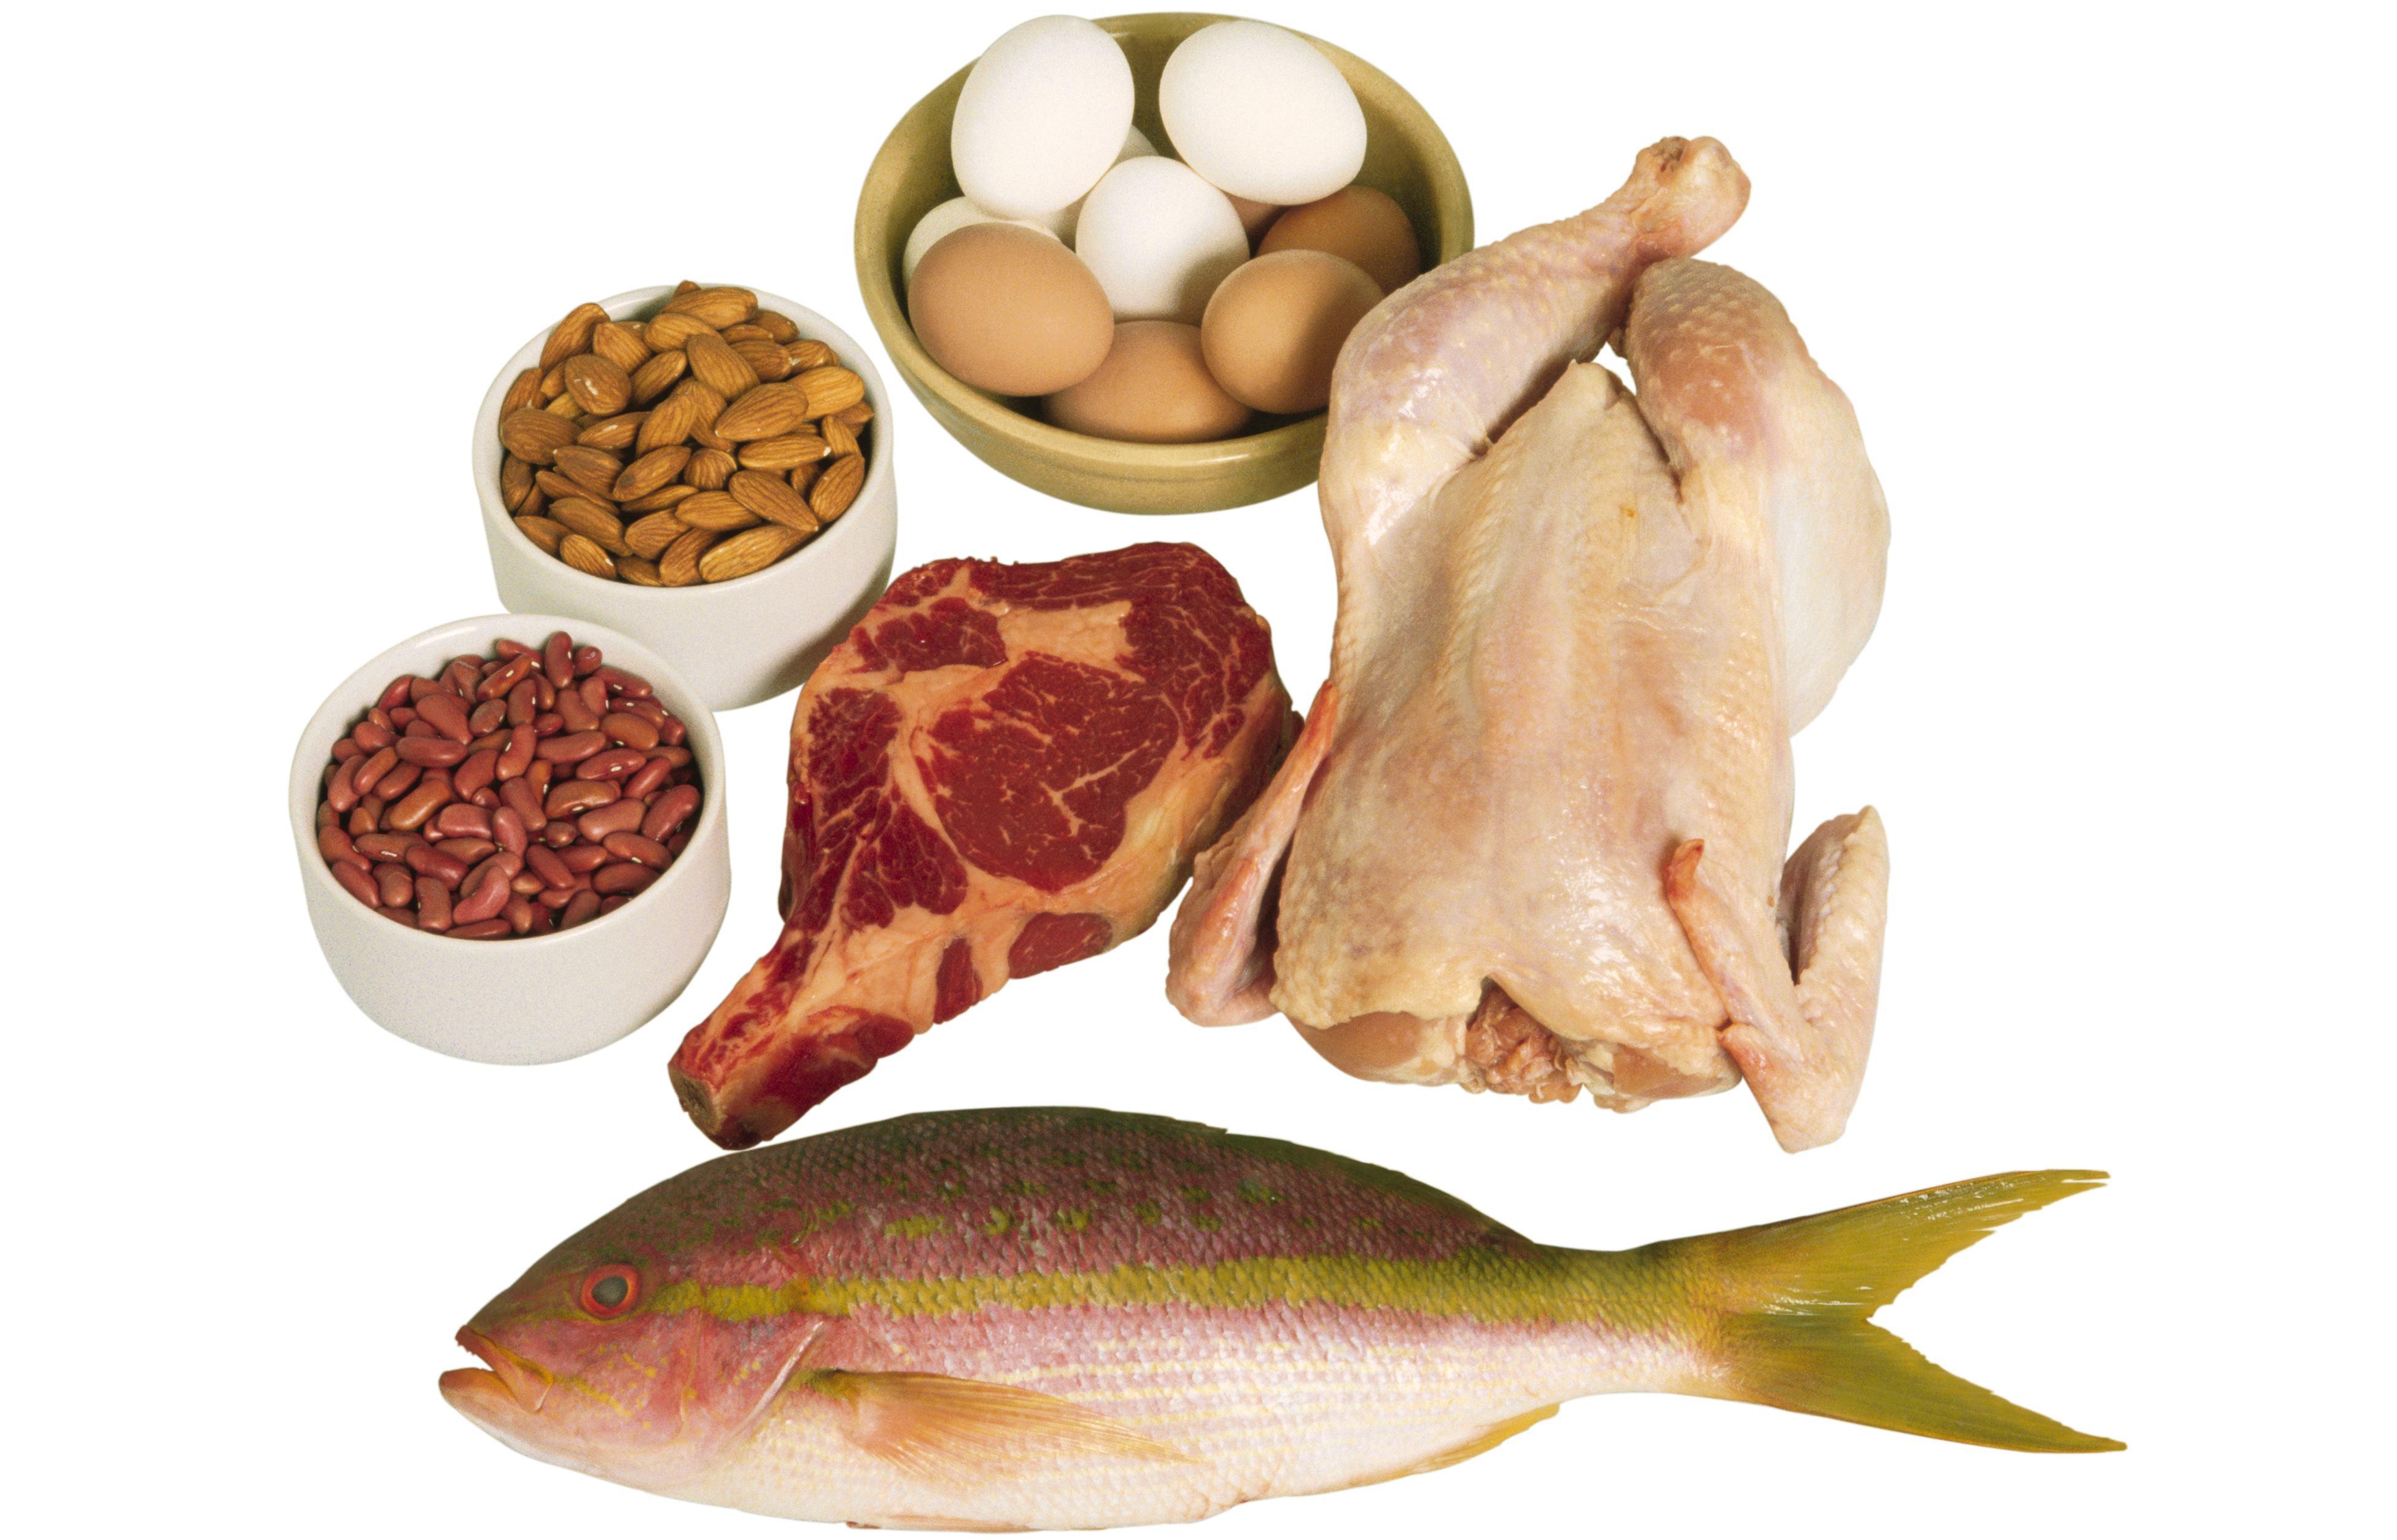 Белковая Диета Яйца Рыба Курица. Диета на вареных яйцах позволяет похудеть на 10 кг за 2 недели